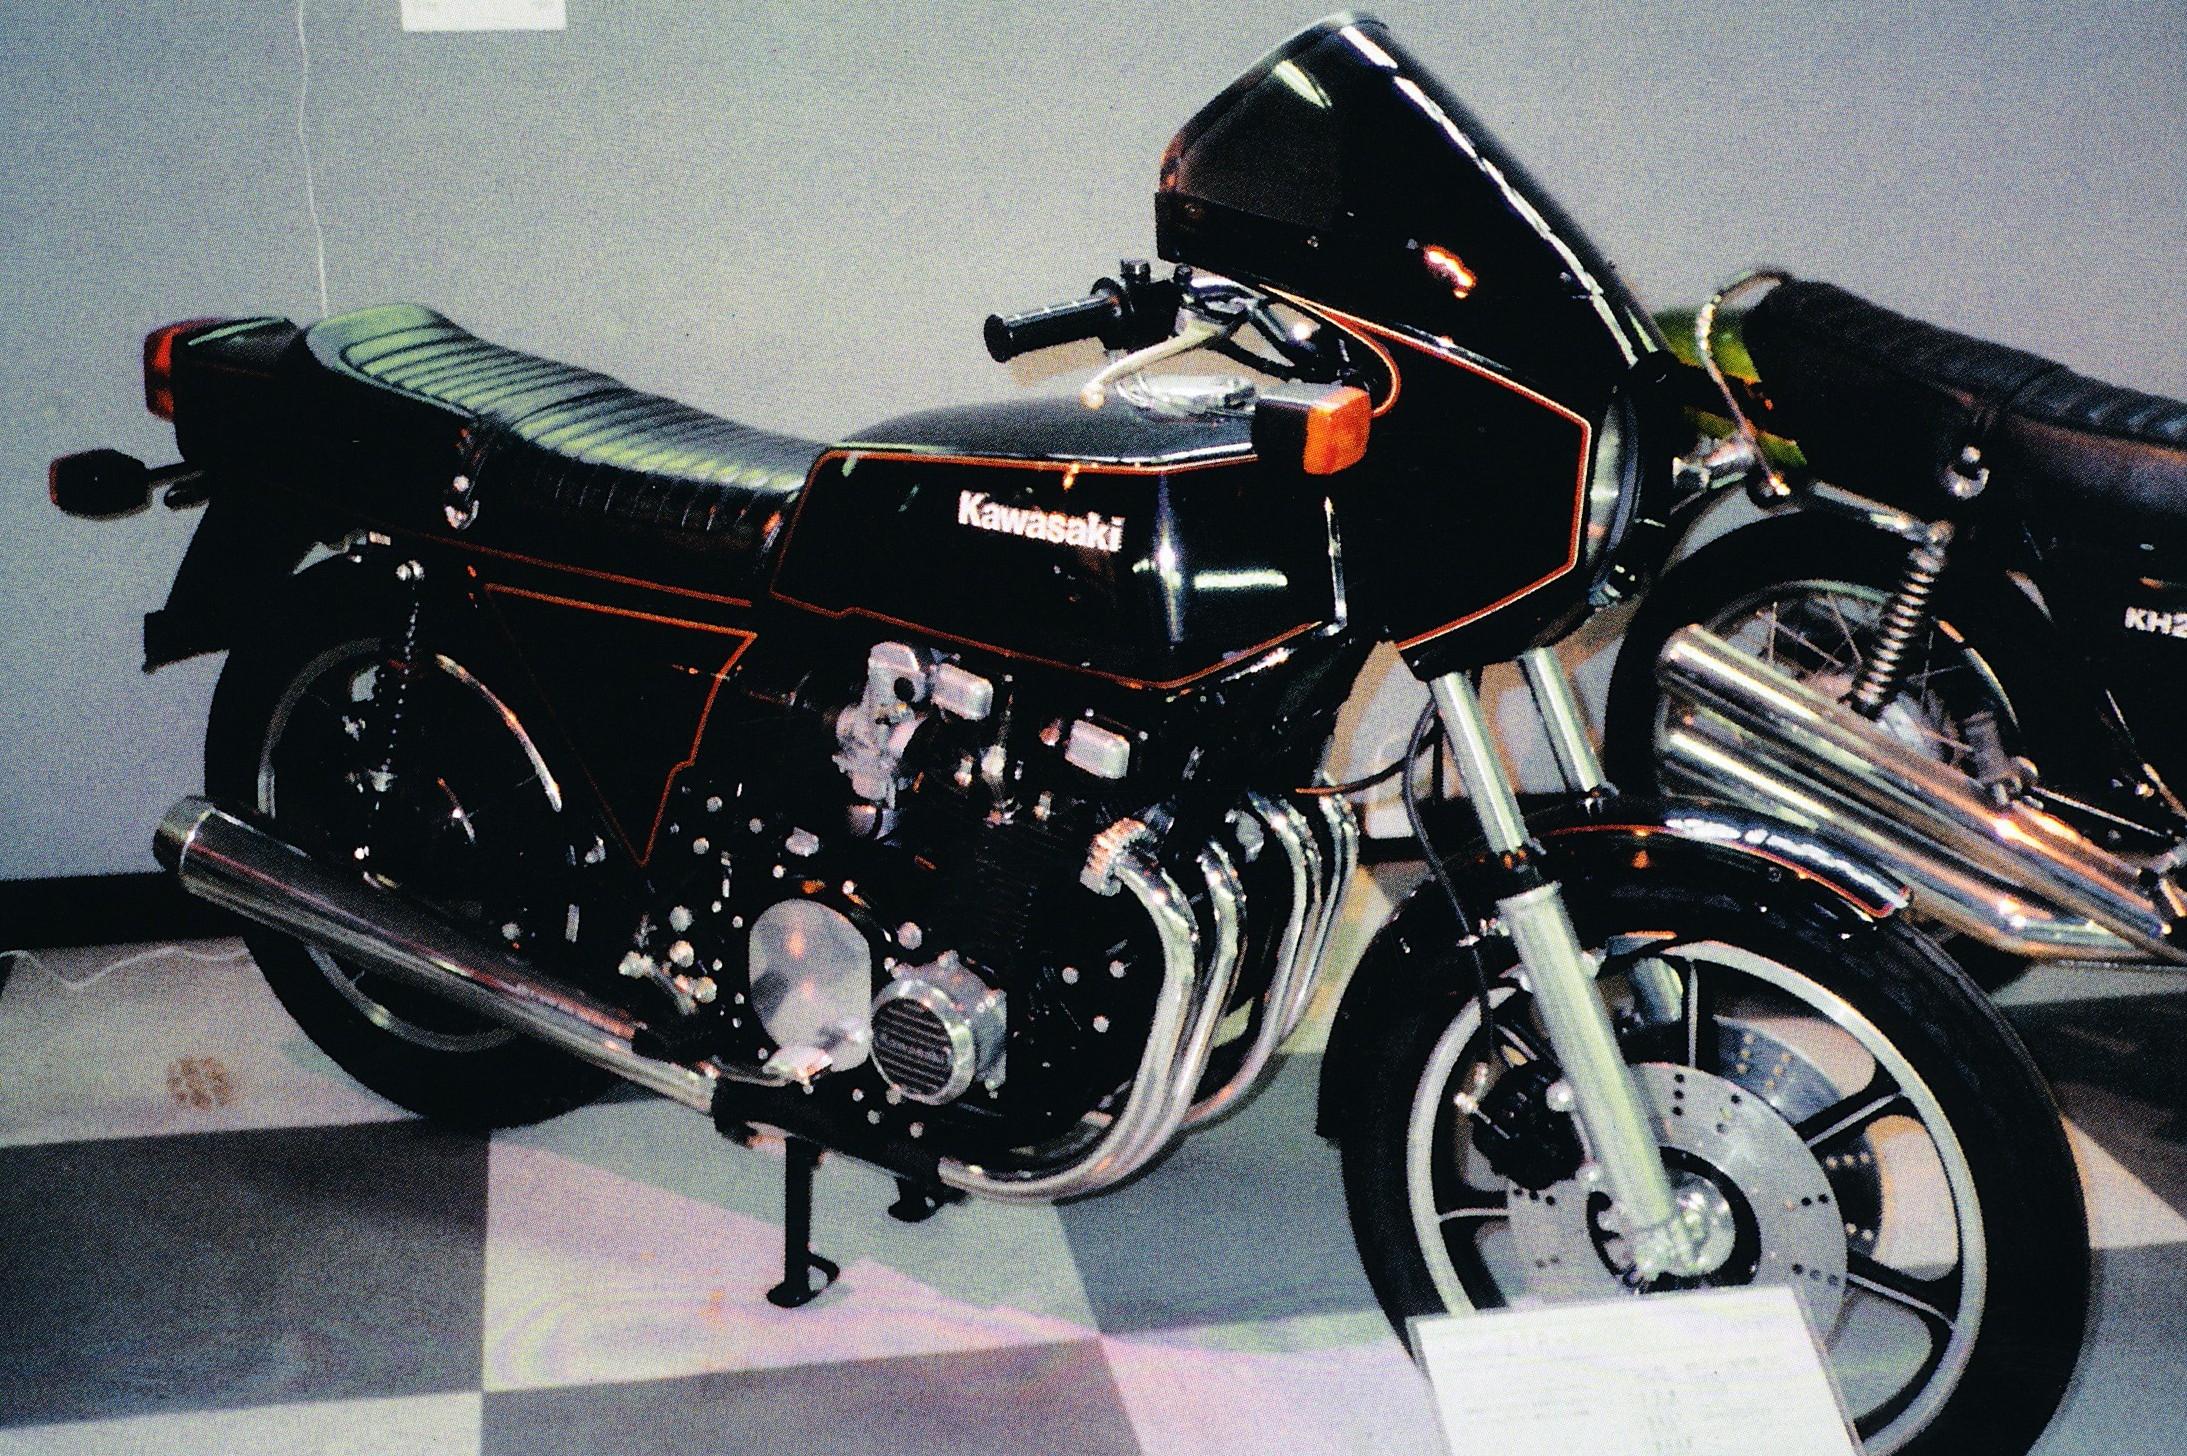 Kawasaki Z1r Mk11